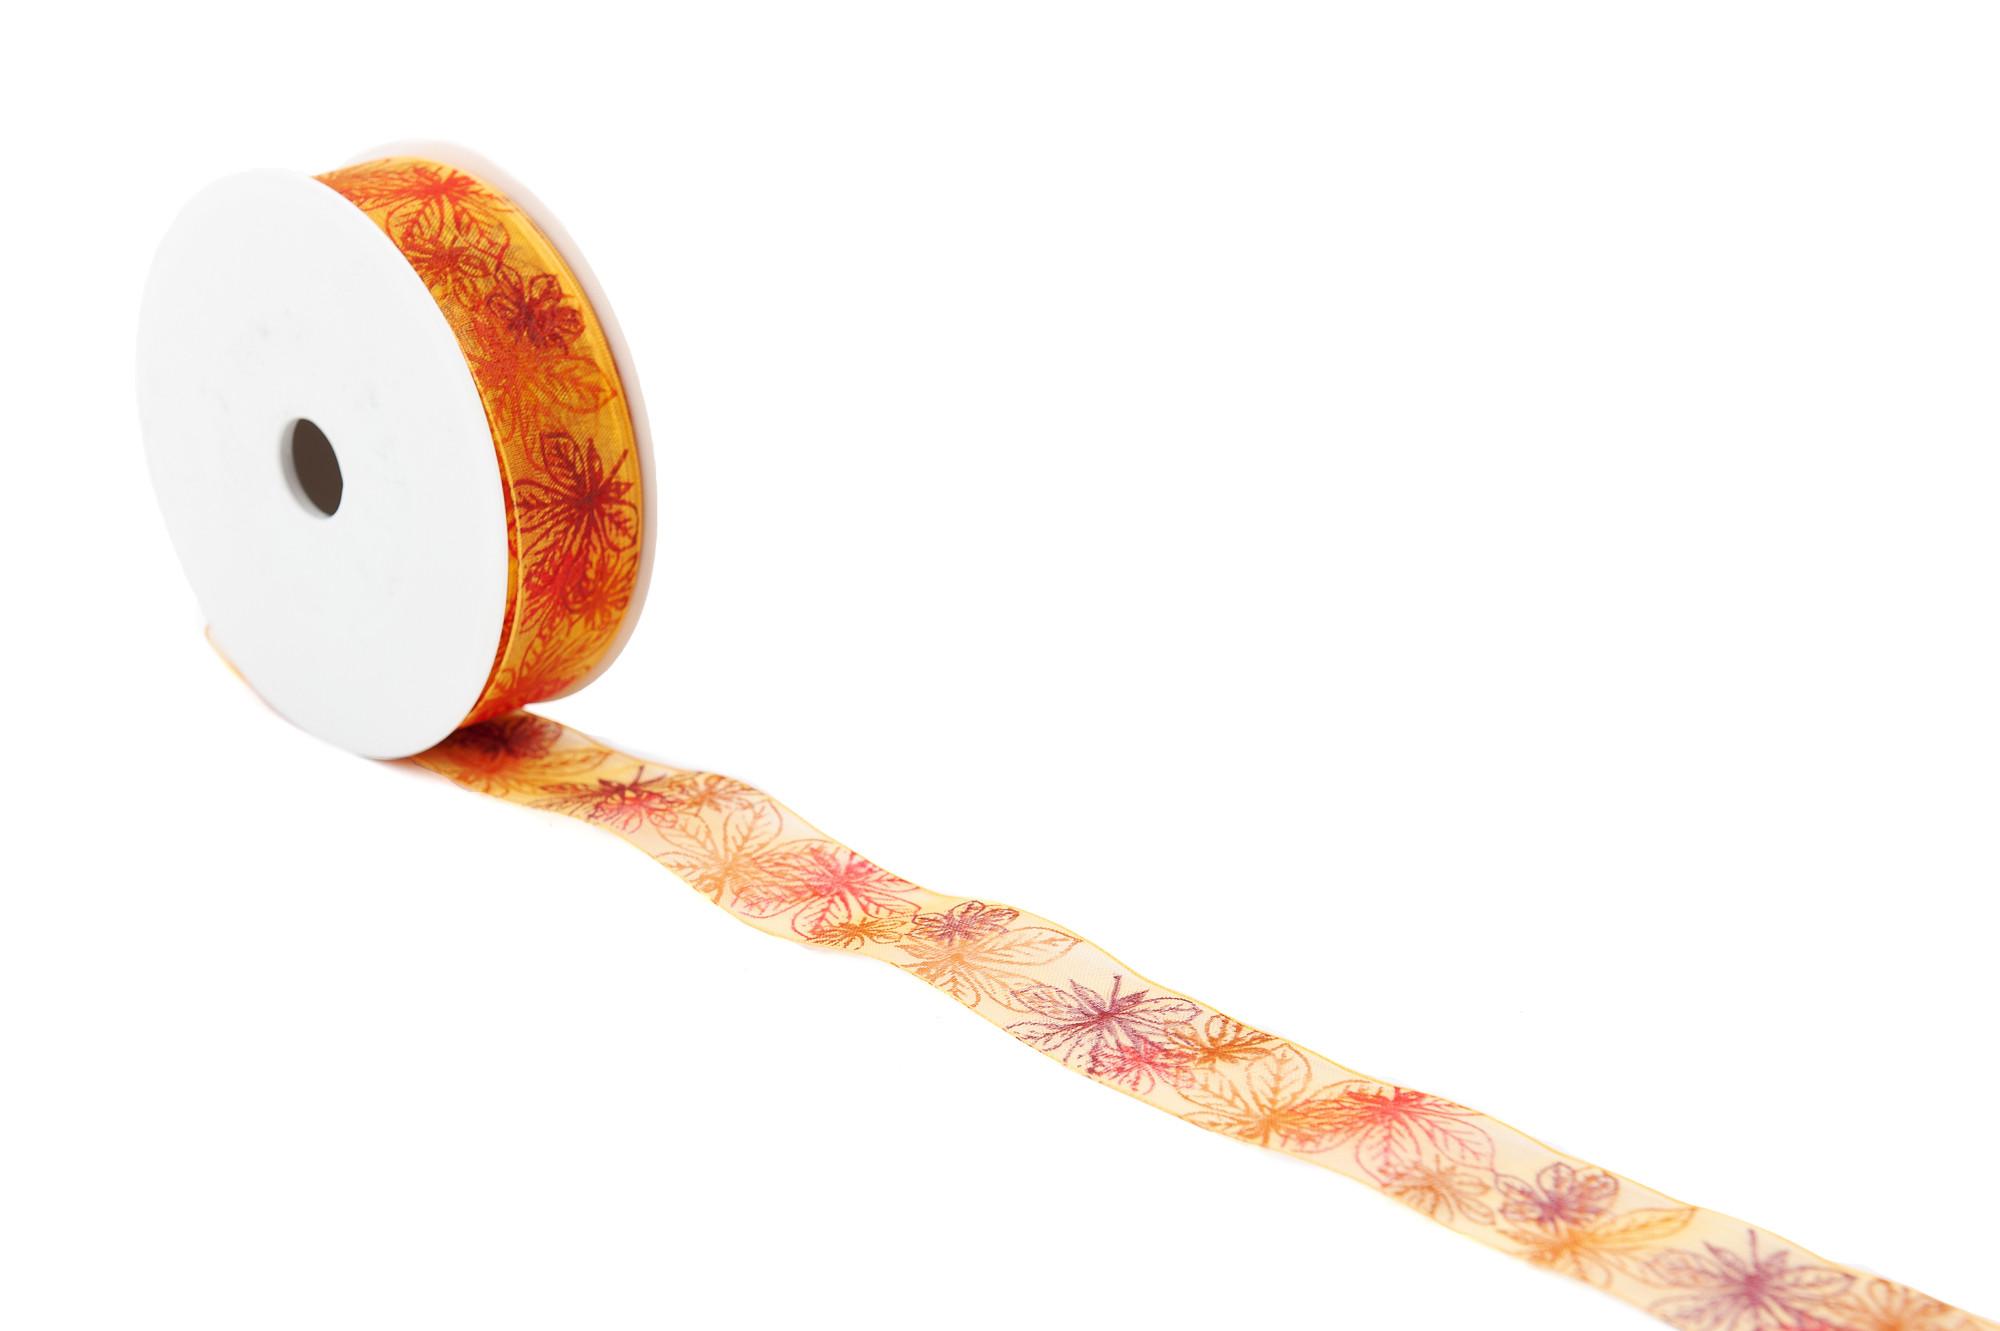 Podzimní stuha s listy 25 mm, 25 m - oranžová